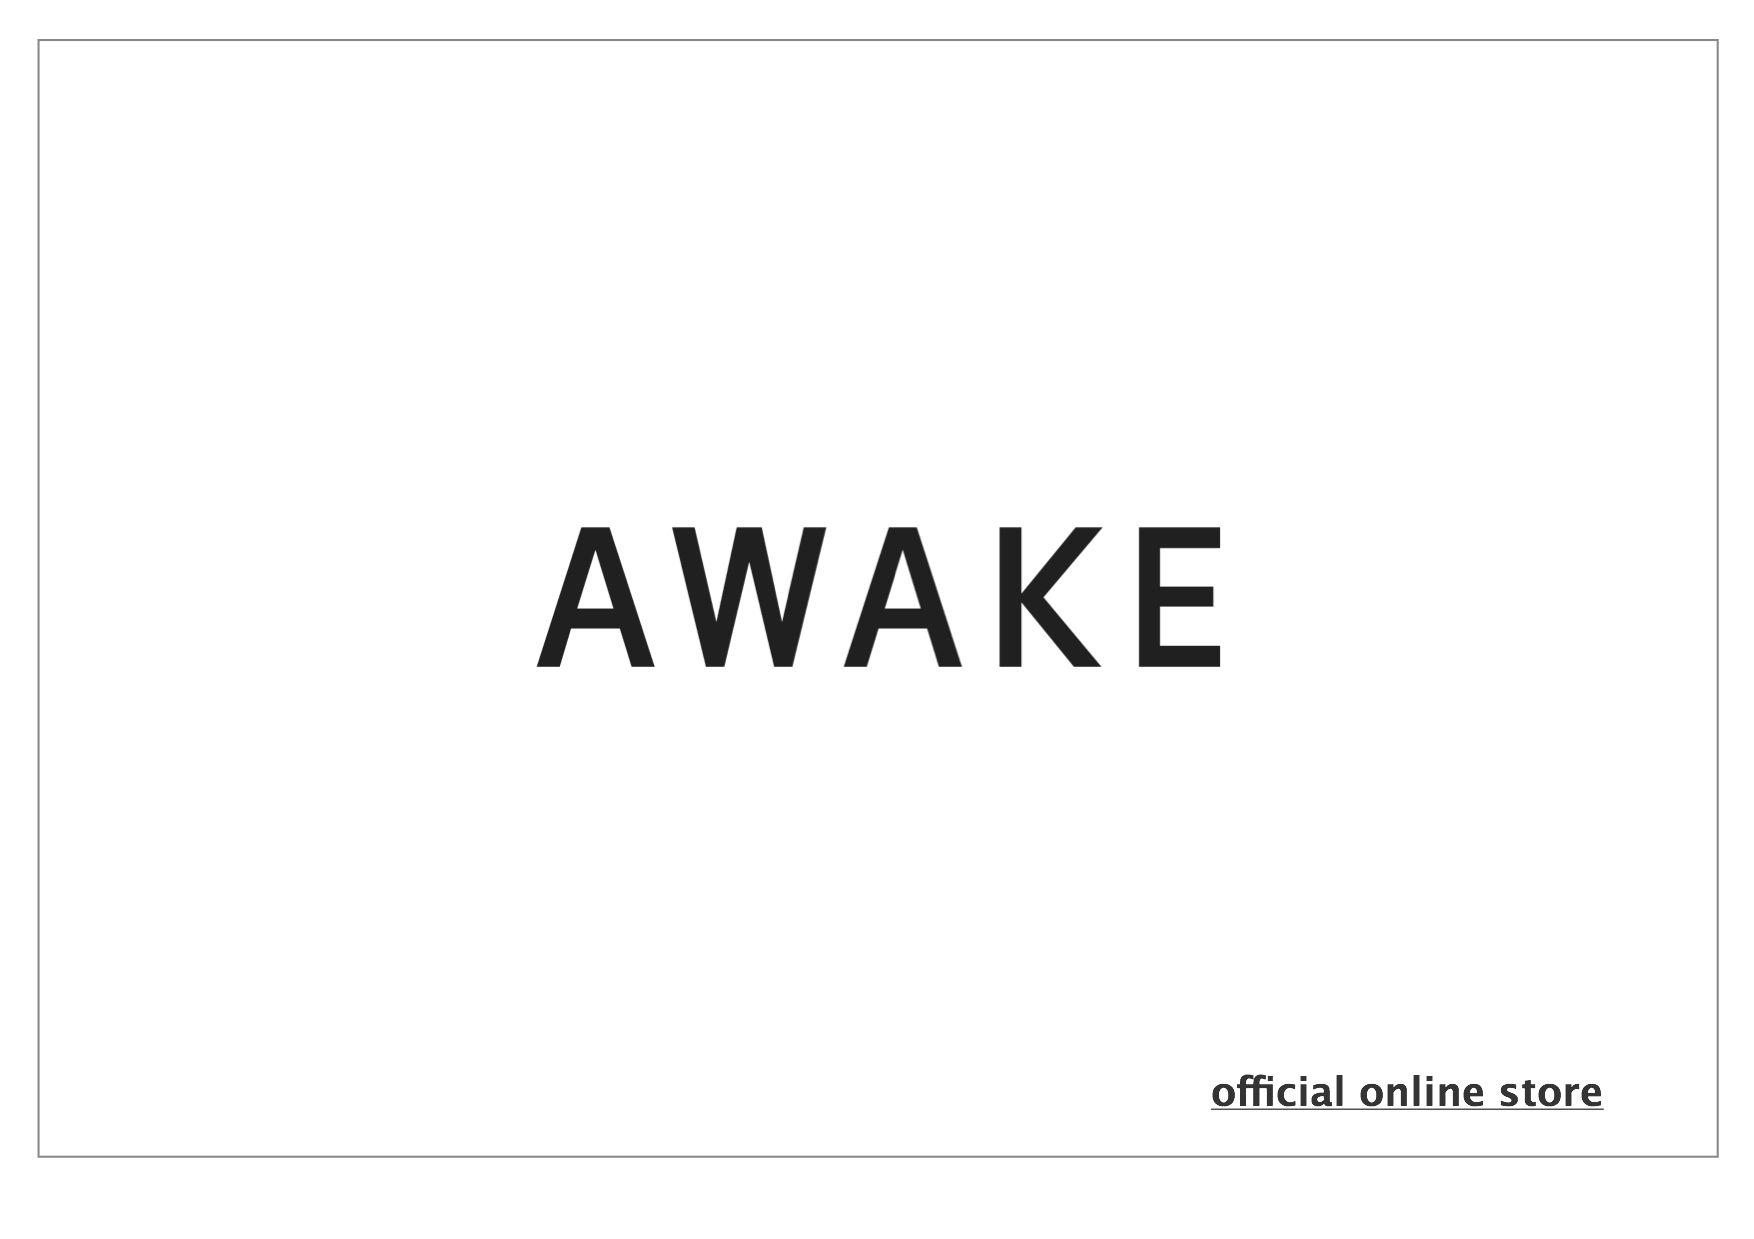 AWAKE  online_store